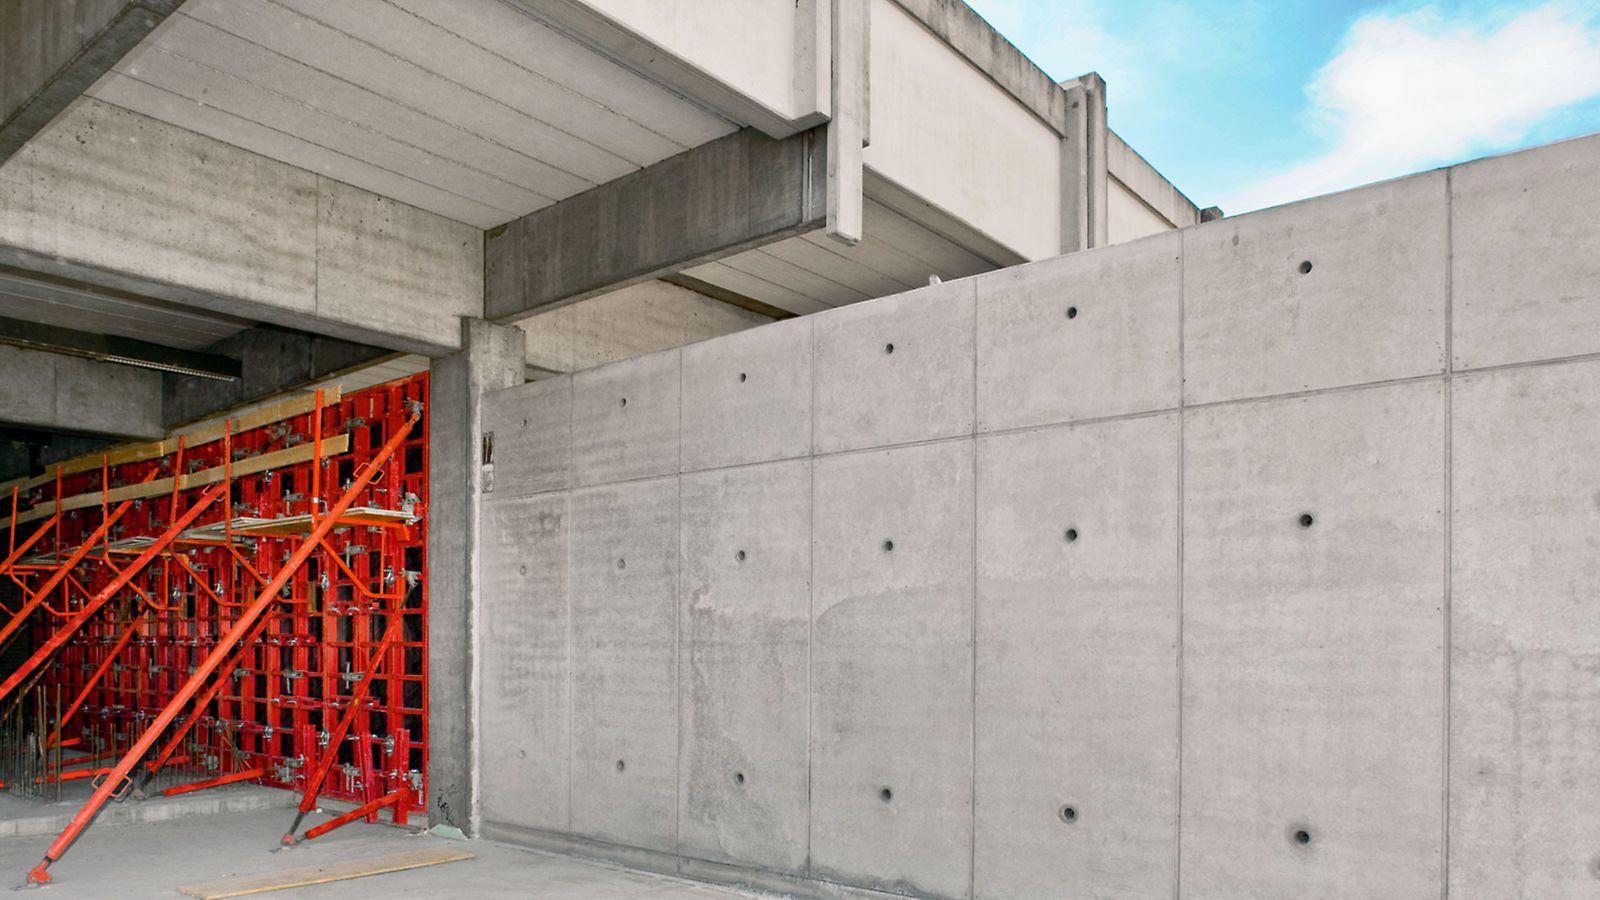 Platsgjuten betongvägg med perfekt betongyta och strukturerad skarv- och staghålsplacering. Möjligheten att kombinera formelementen på olika sätt, öppnar fritt spelrum för flexibel design, vilket samtidigt skapar kostnadseffektiva alternativ